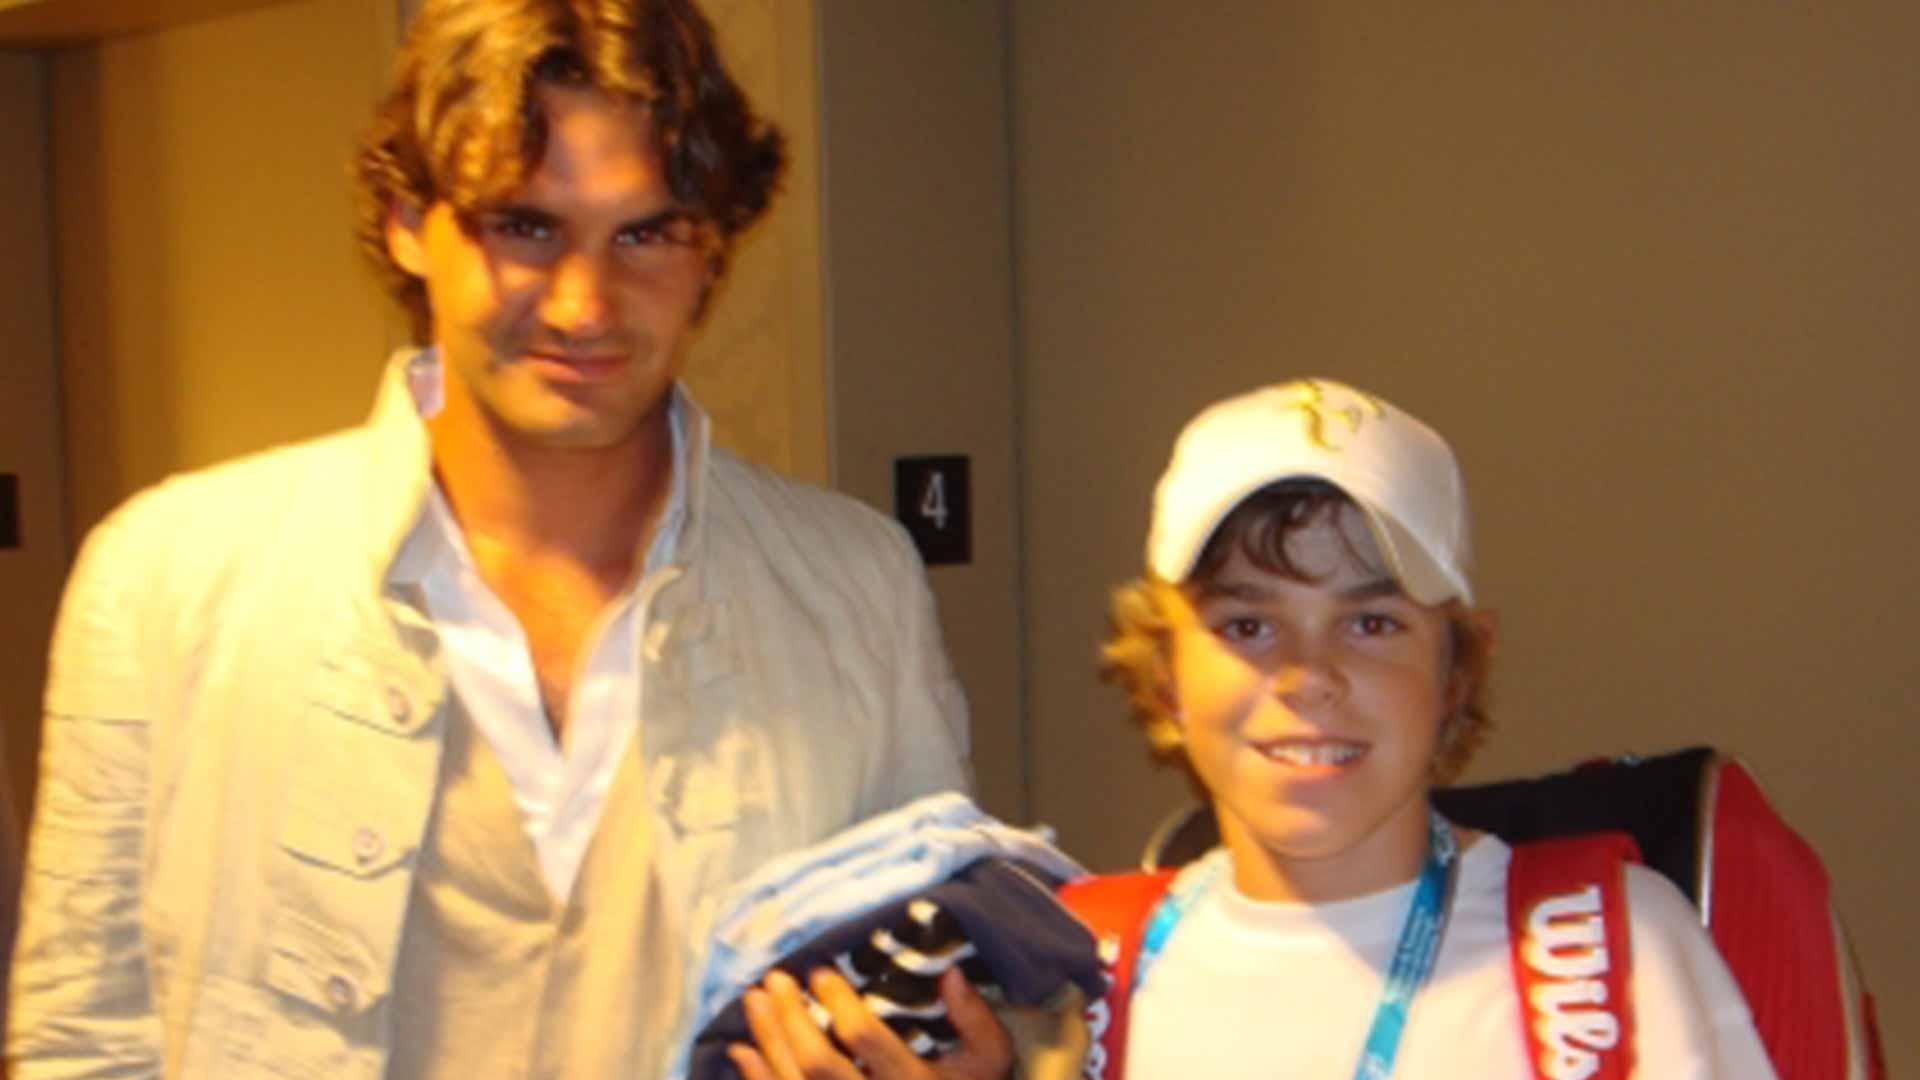 <a href='/en/players/roger-federer/f324/overview'>Roger Federer</a> and <a href='/en/players/reilly-opelka/o522/overview'>Reilly Opelka</a> met in Cincinnati years ago.